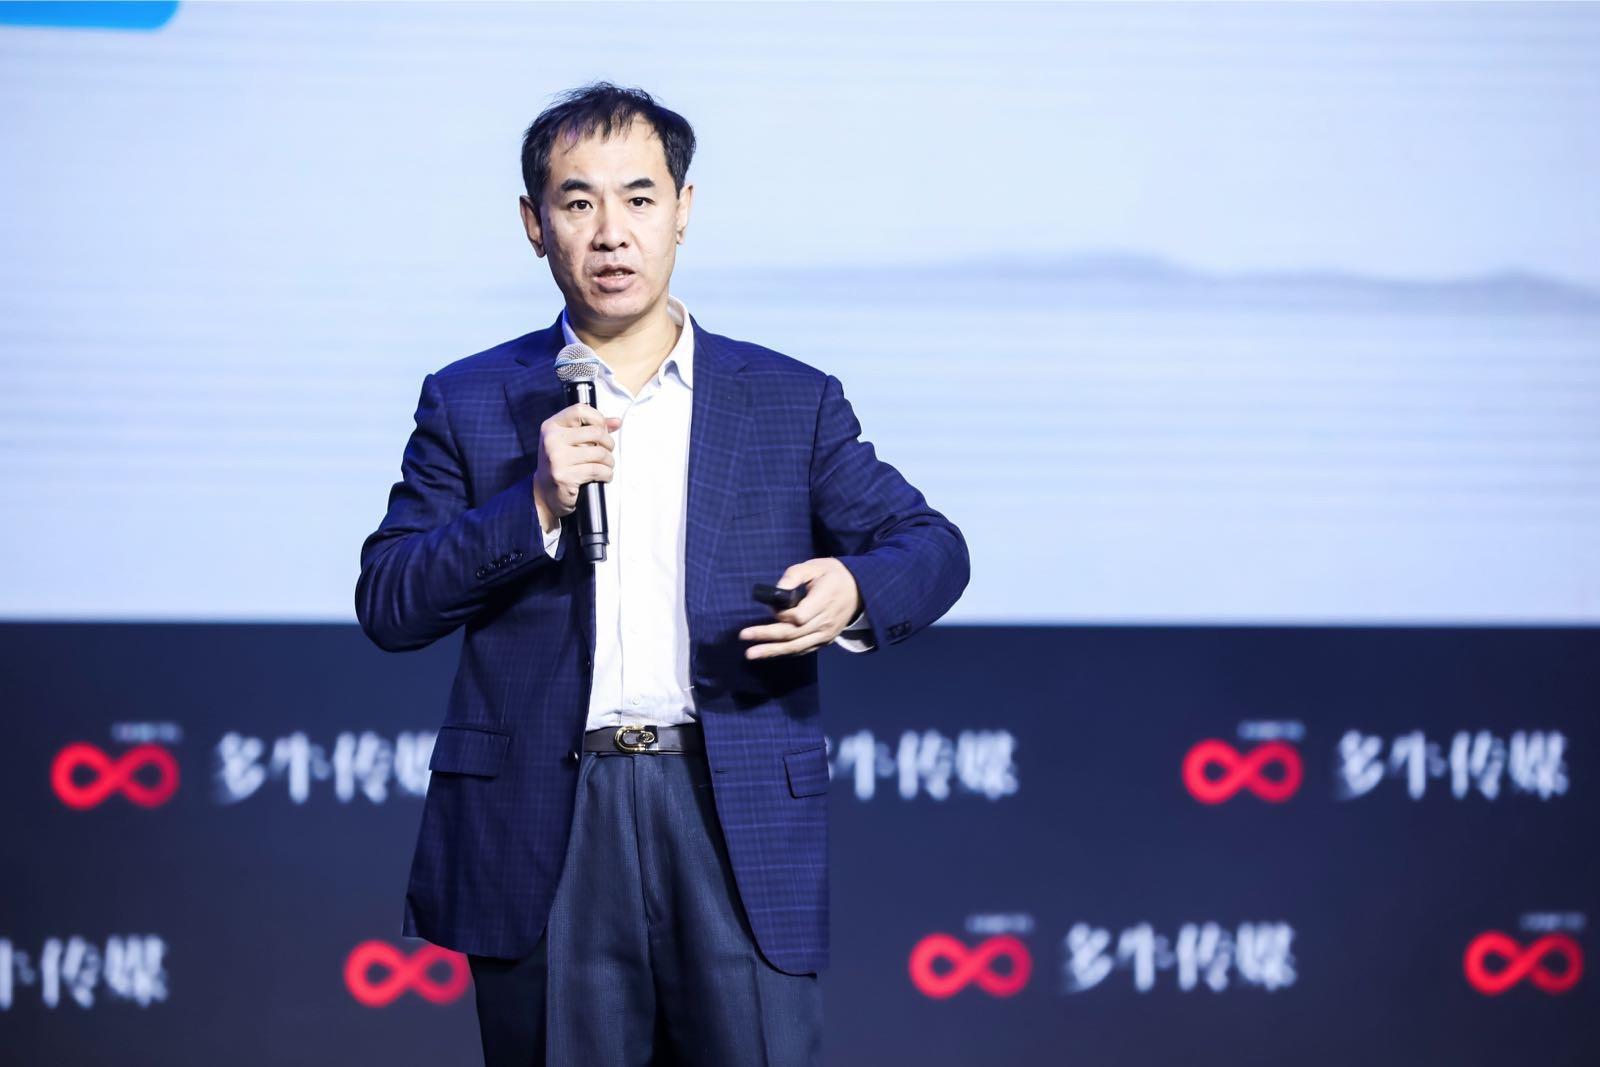 人民大学高礼研讨院卢斌:中国无现金社会设置装备摆设环球抢先 但也带来新危害